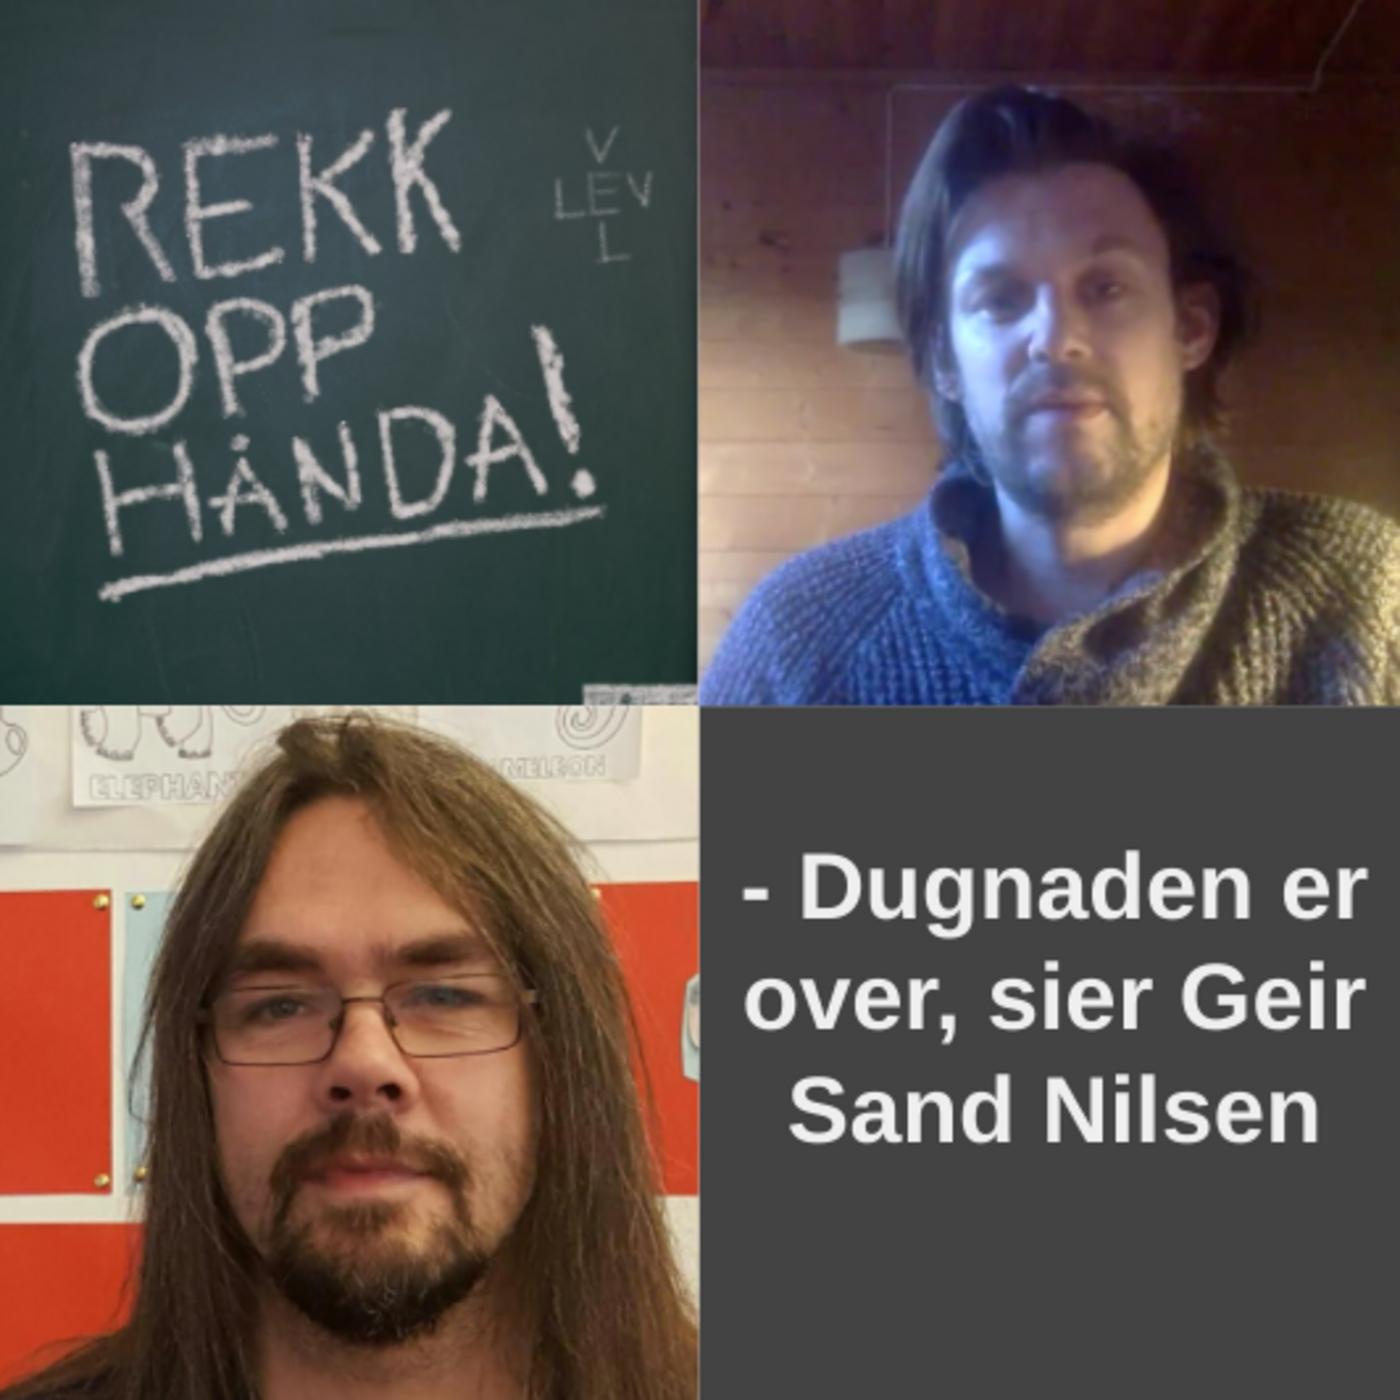 - Dugnaden er over, sier Geir Sand Nilsen